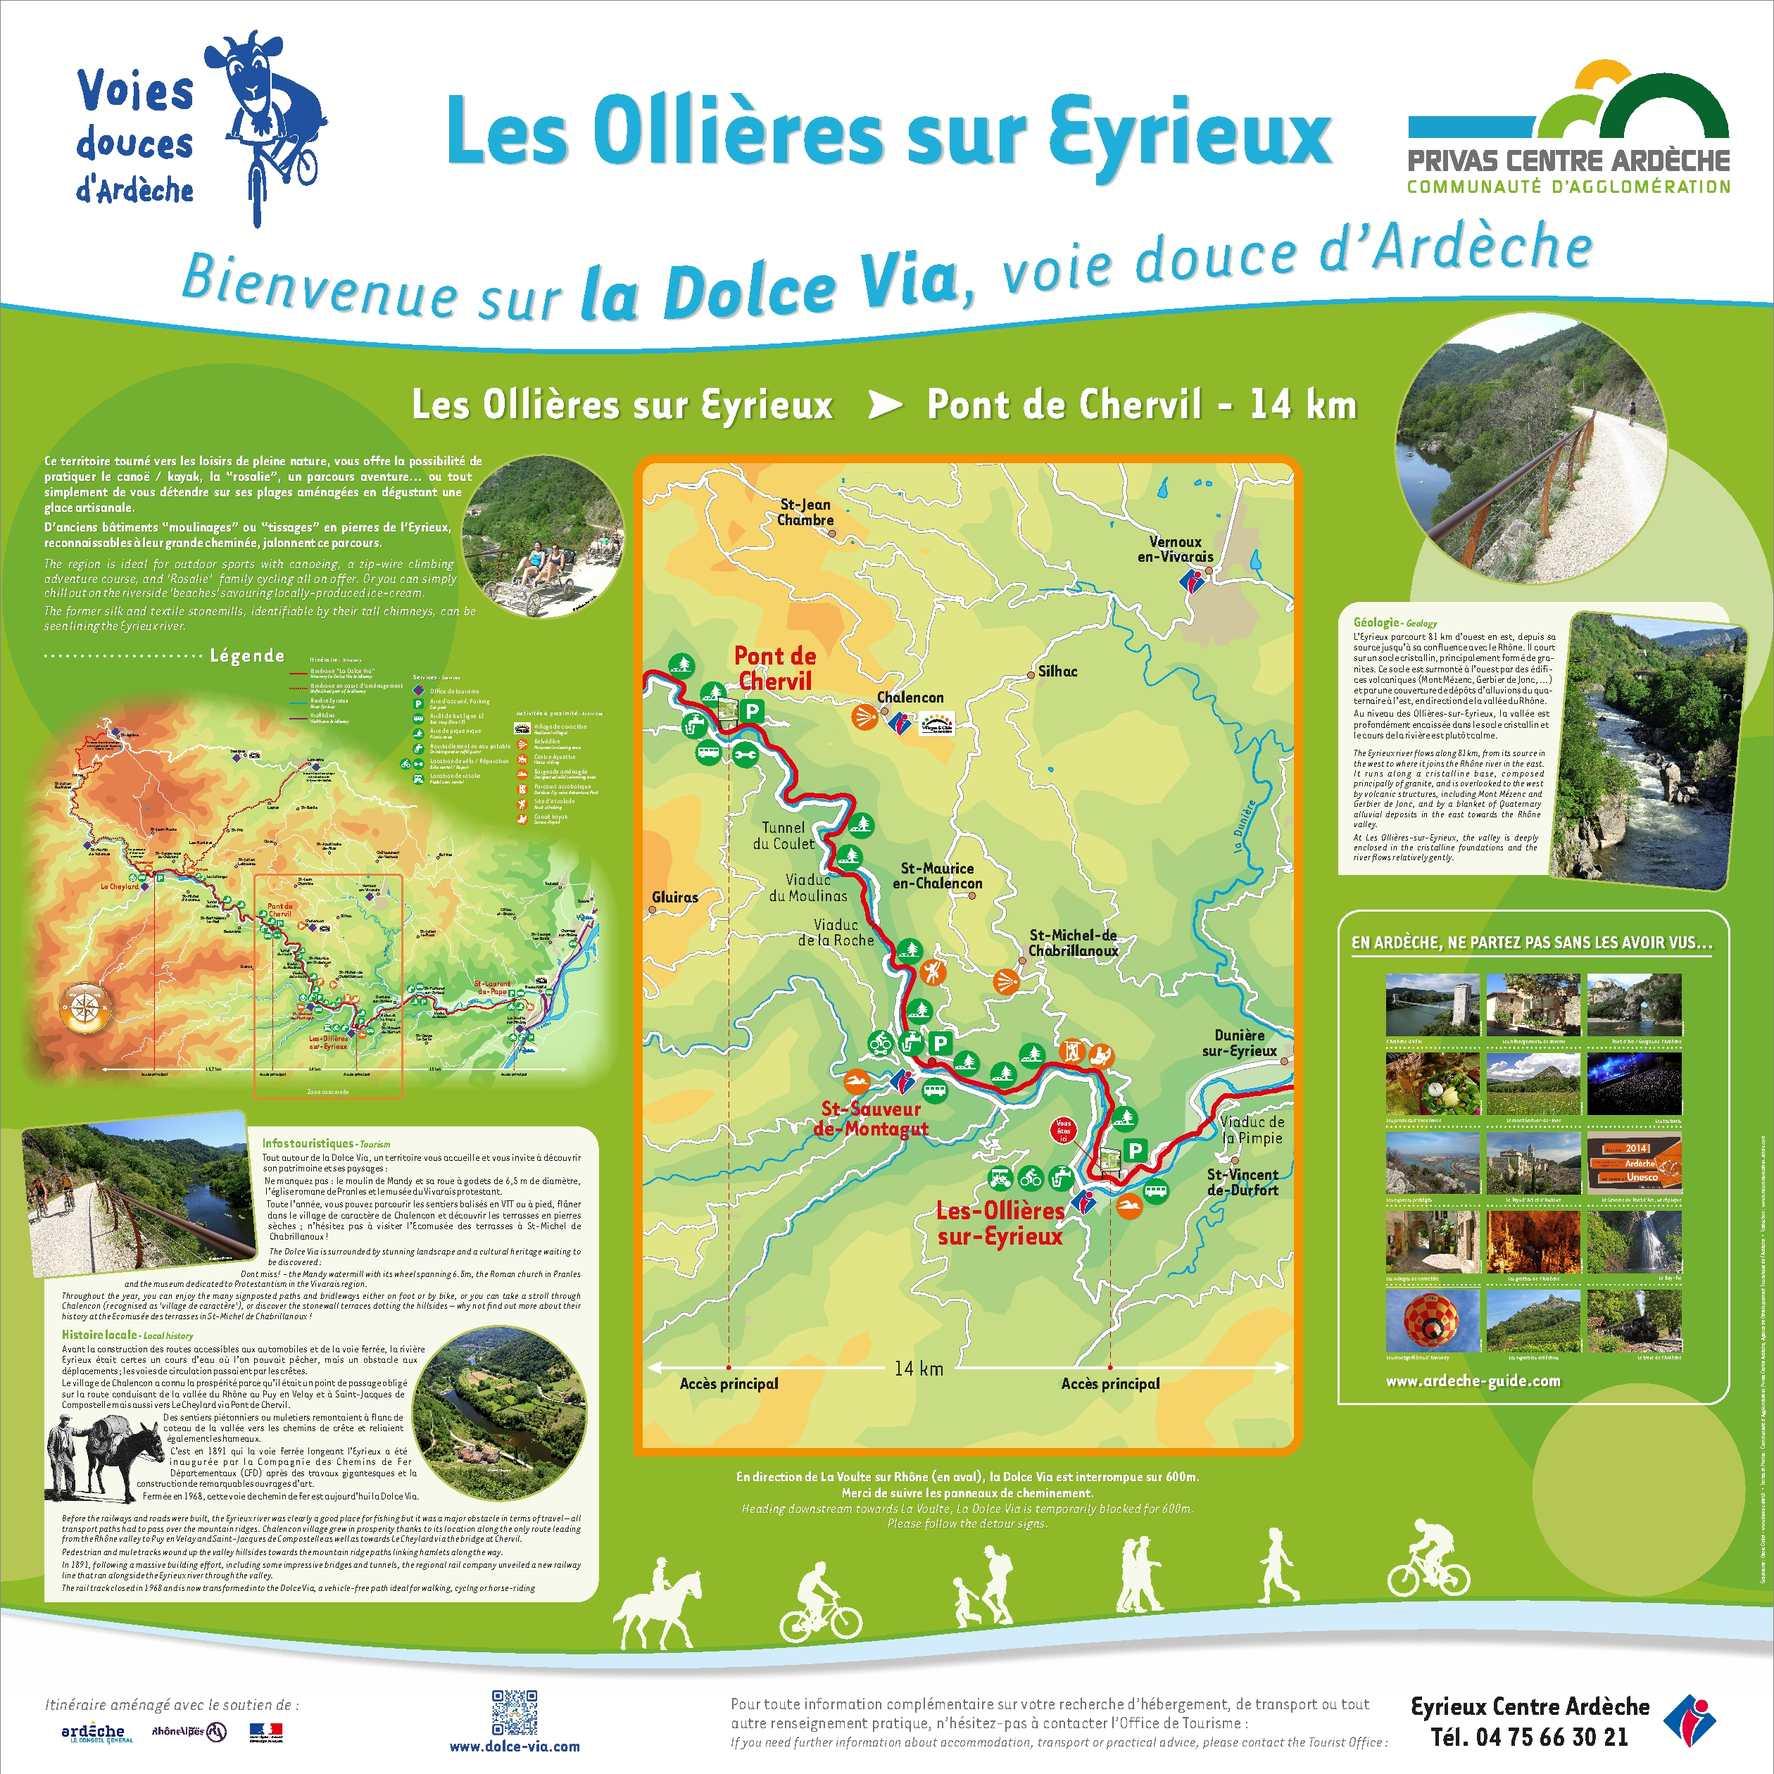 Calam o dolce via panneau ris les ollieres sur eyrieux - Saint sauveur de montagut office du tourisme ...